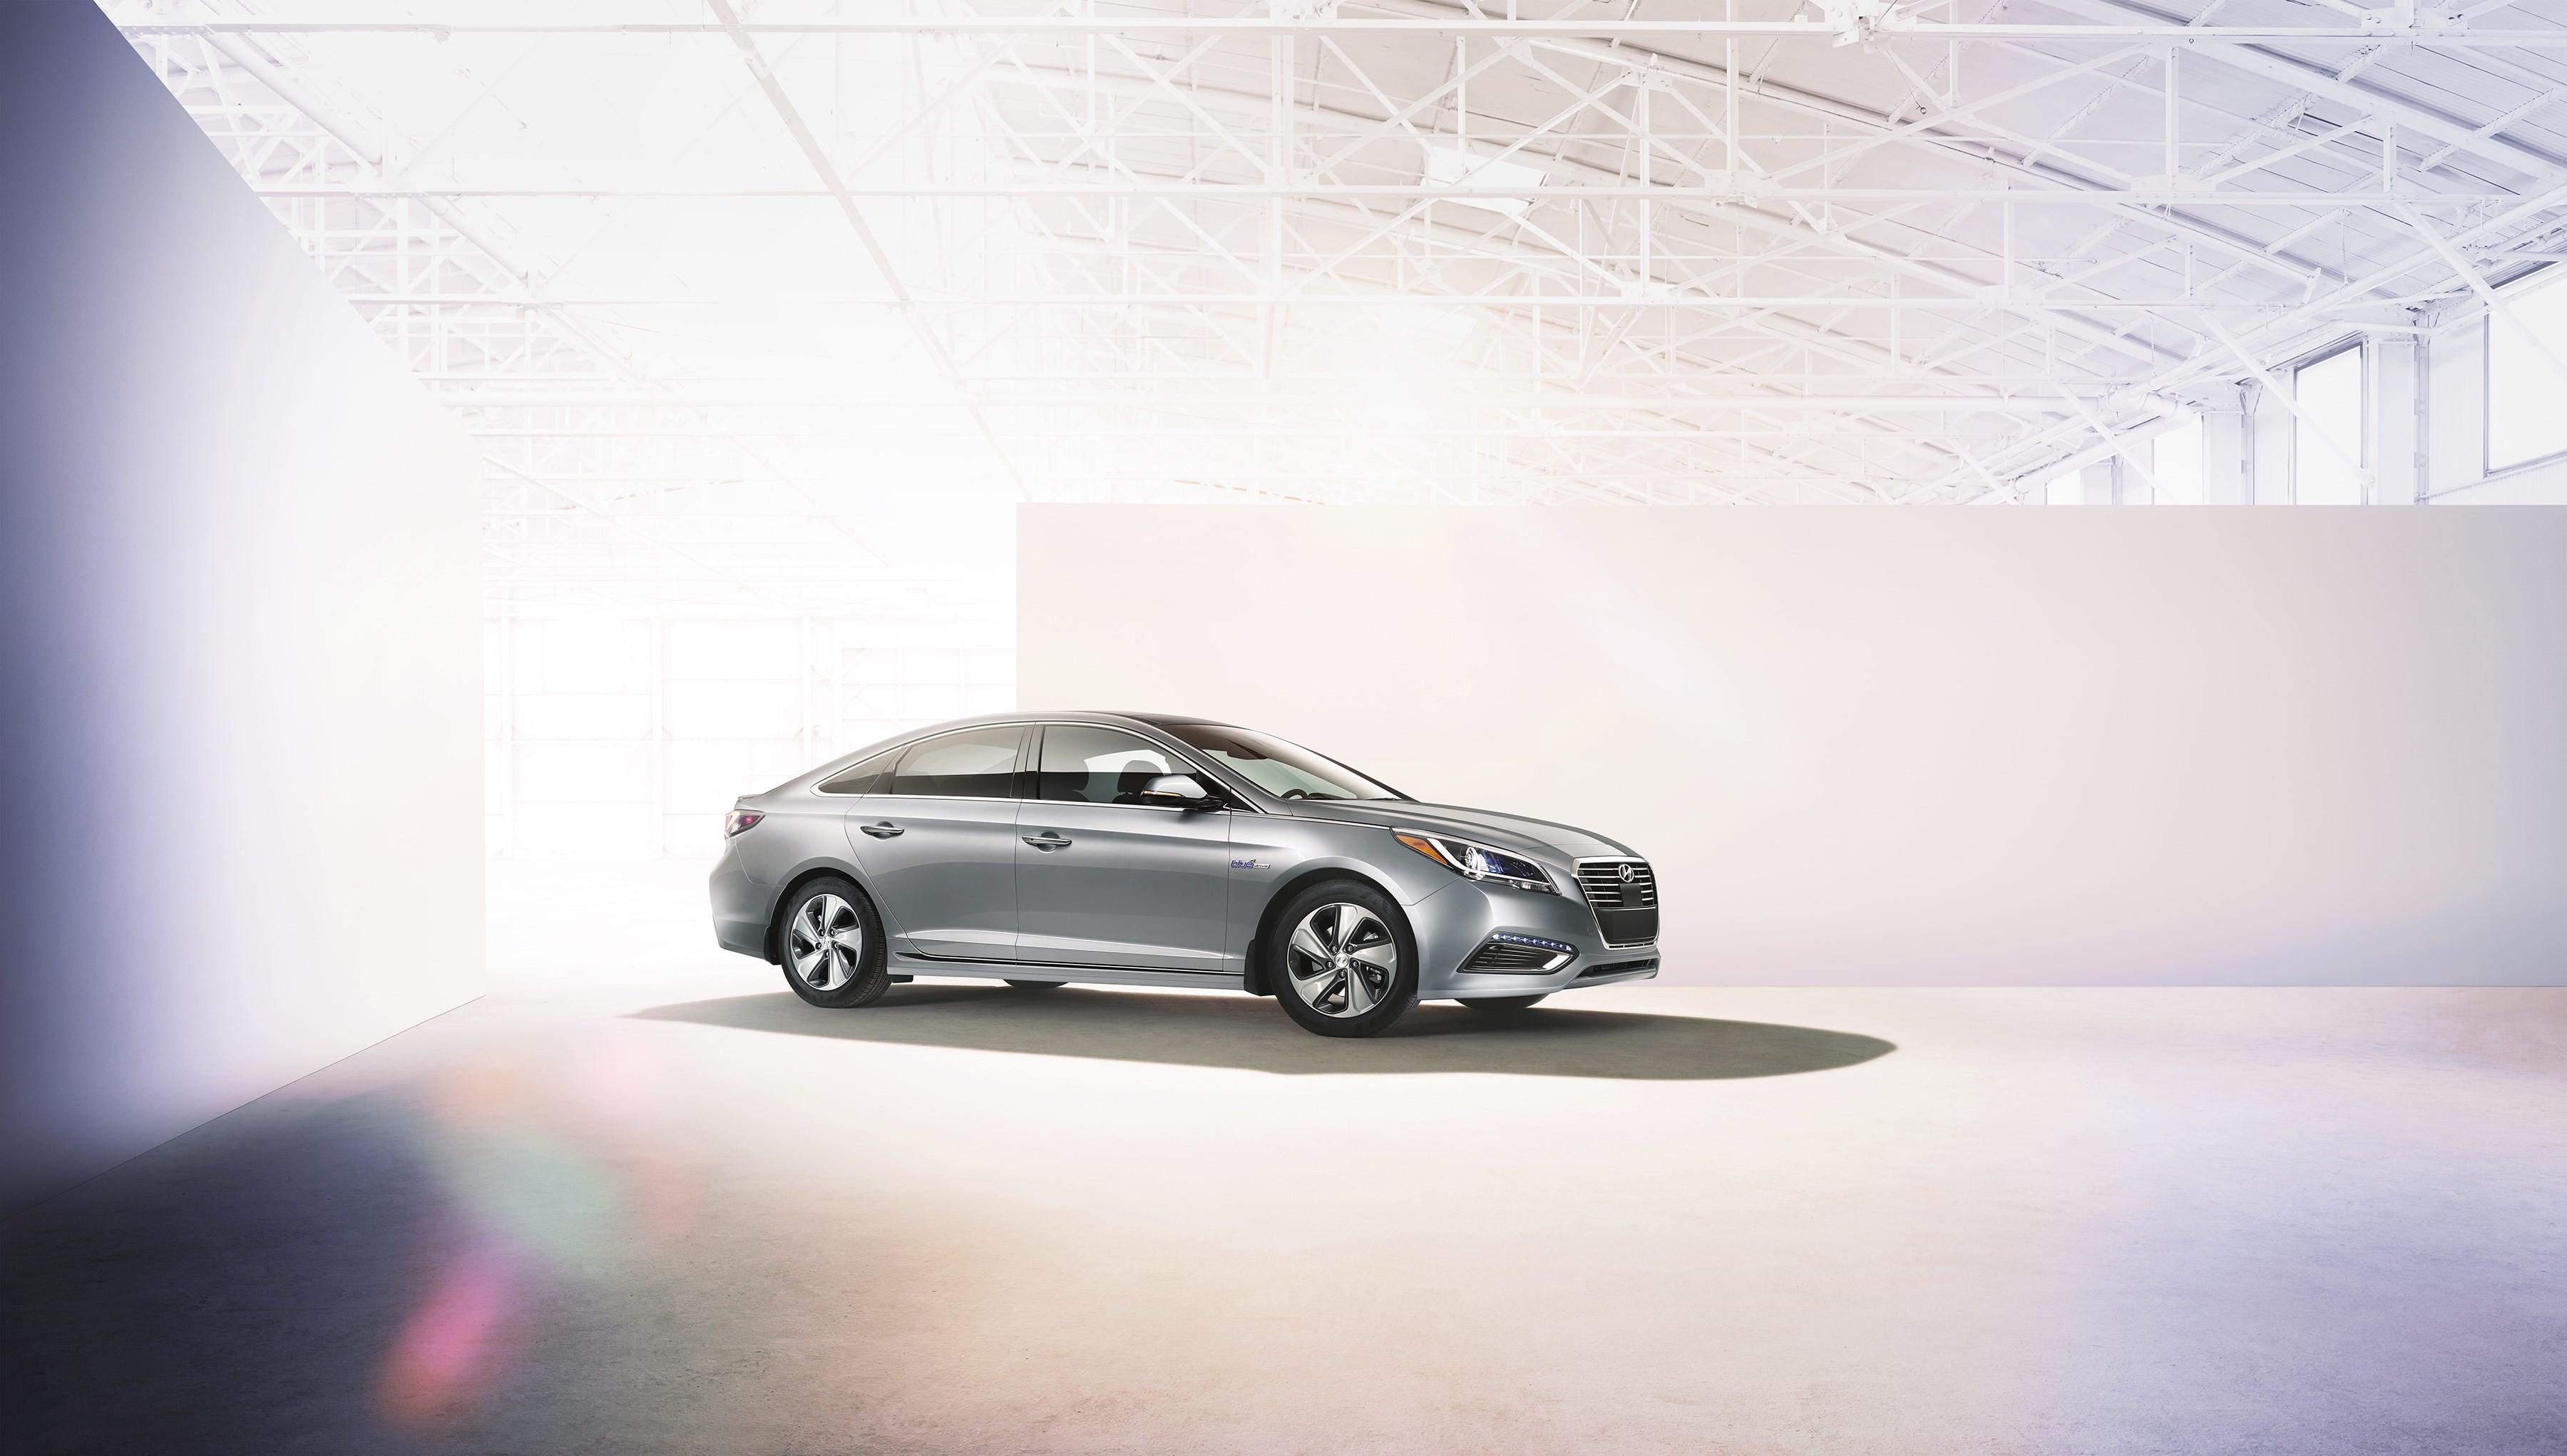 2017 Hyundai Sonata Plug In Hybrid